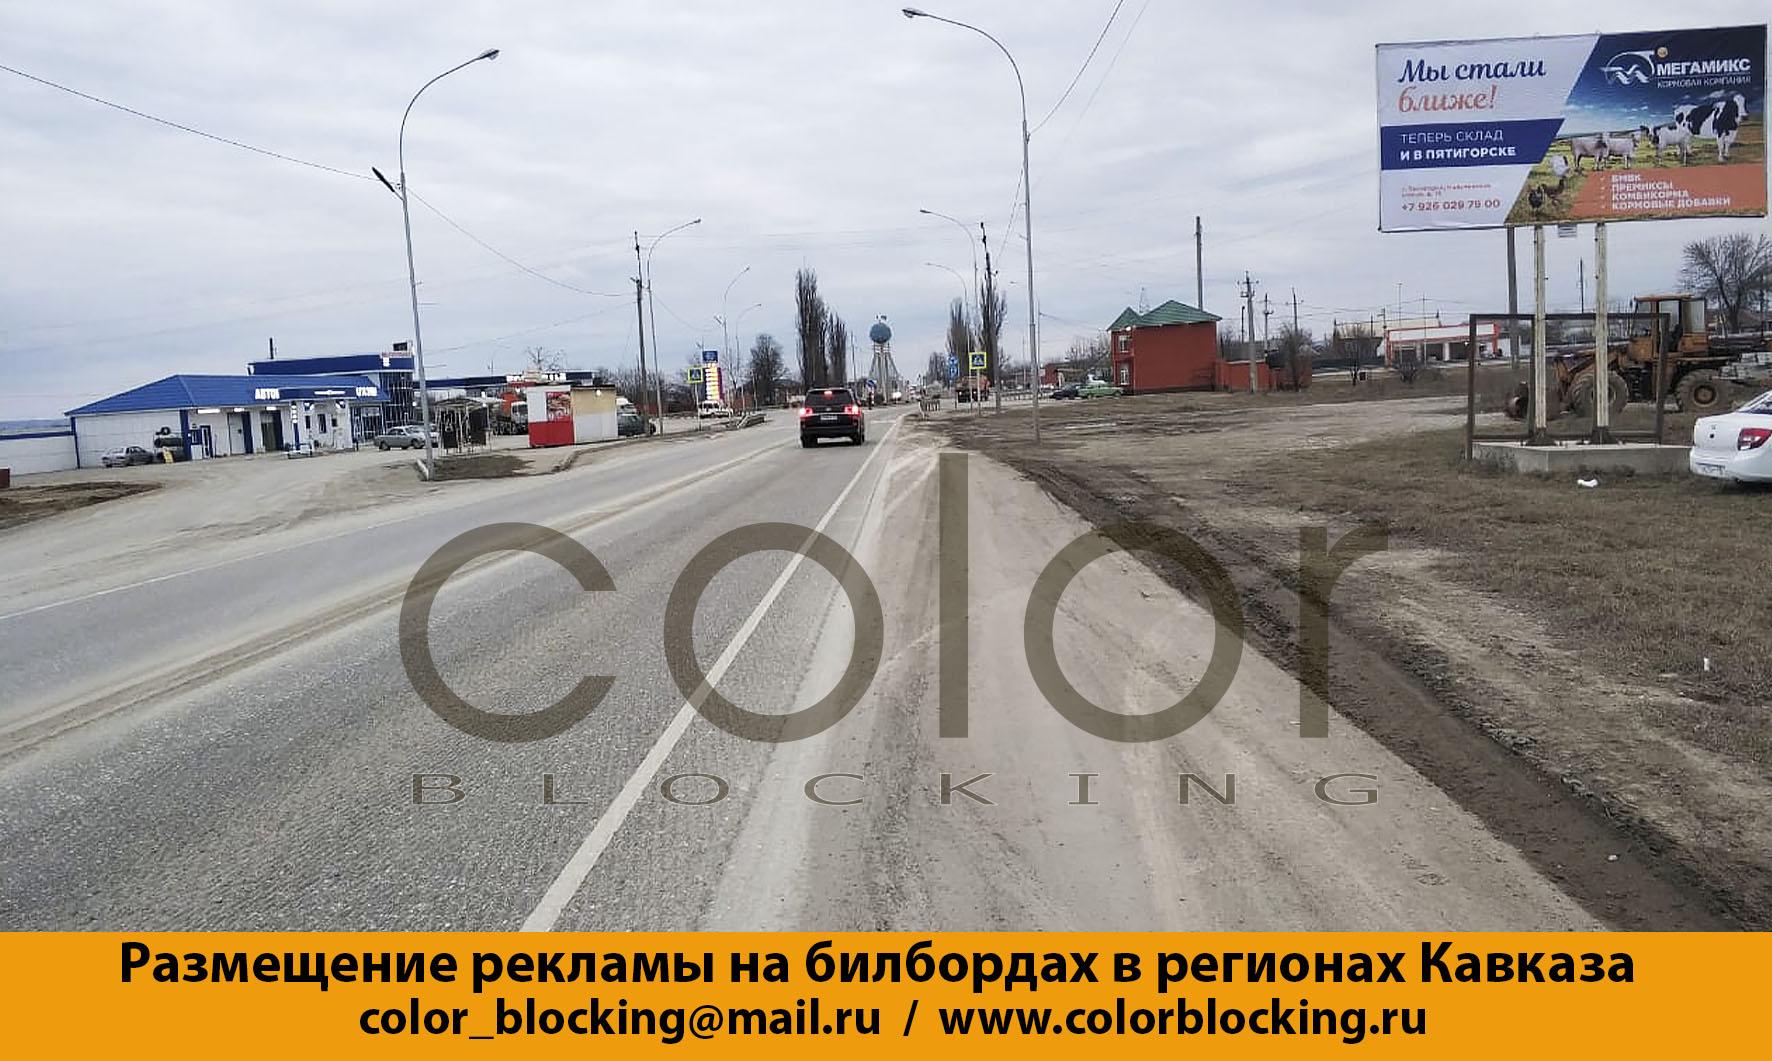 Реклама на билбордах на Кавказе Аргун